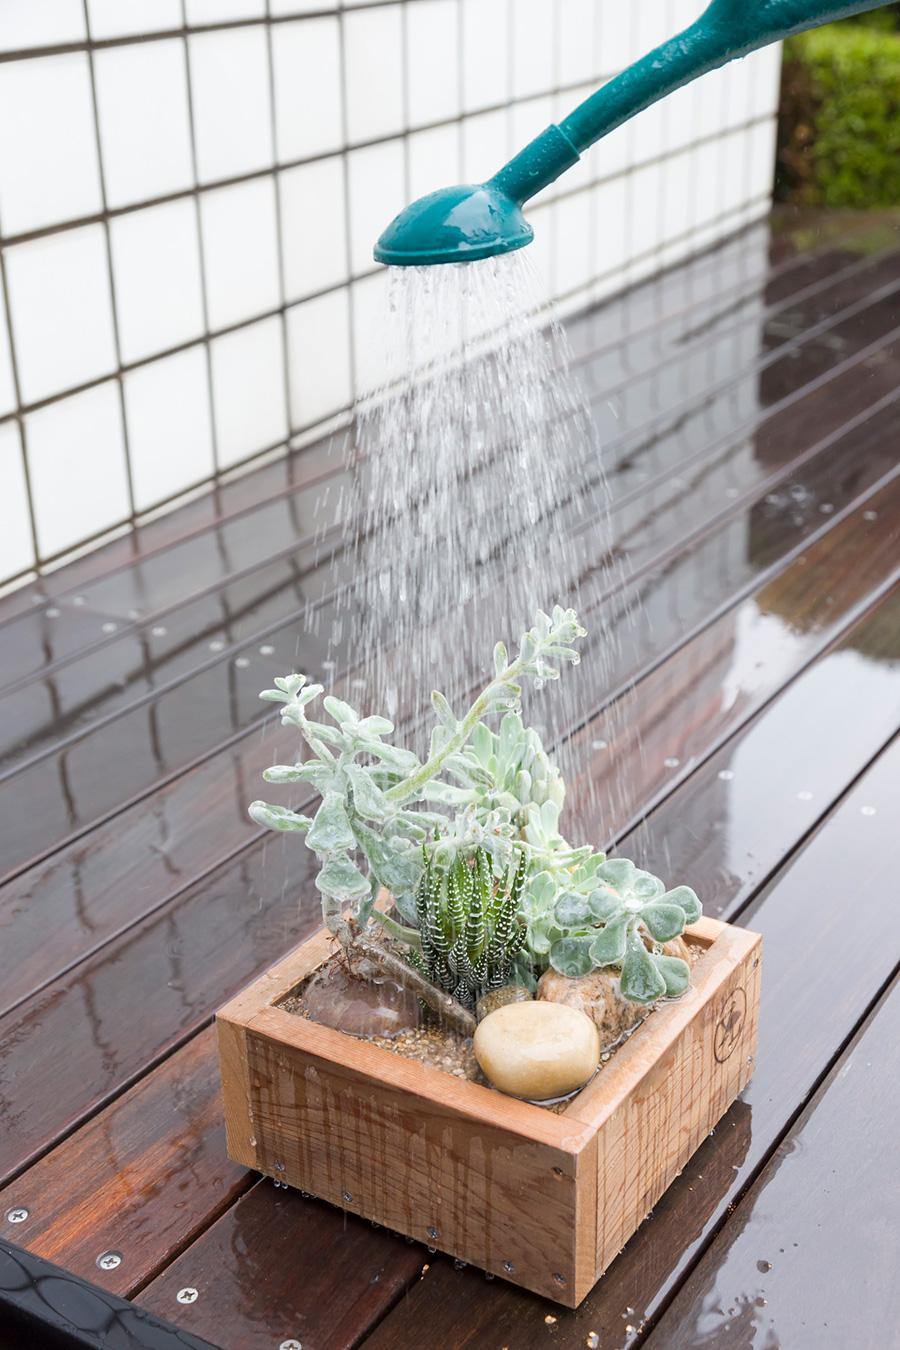 植え替えが終わったら、しっかりと水やりをする。葉の上からジョウロを使って優しく水をかければ、病害虫の予防にもなる。